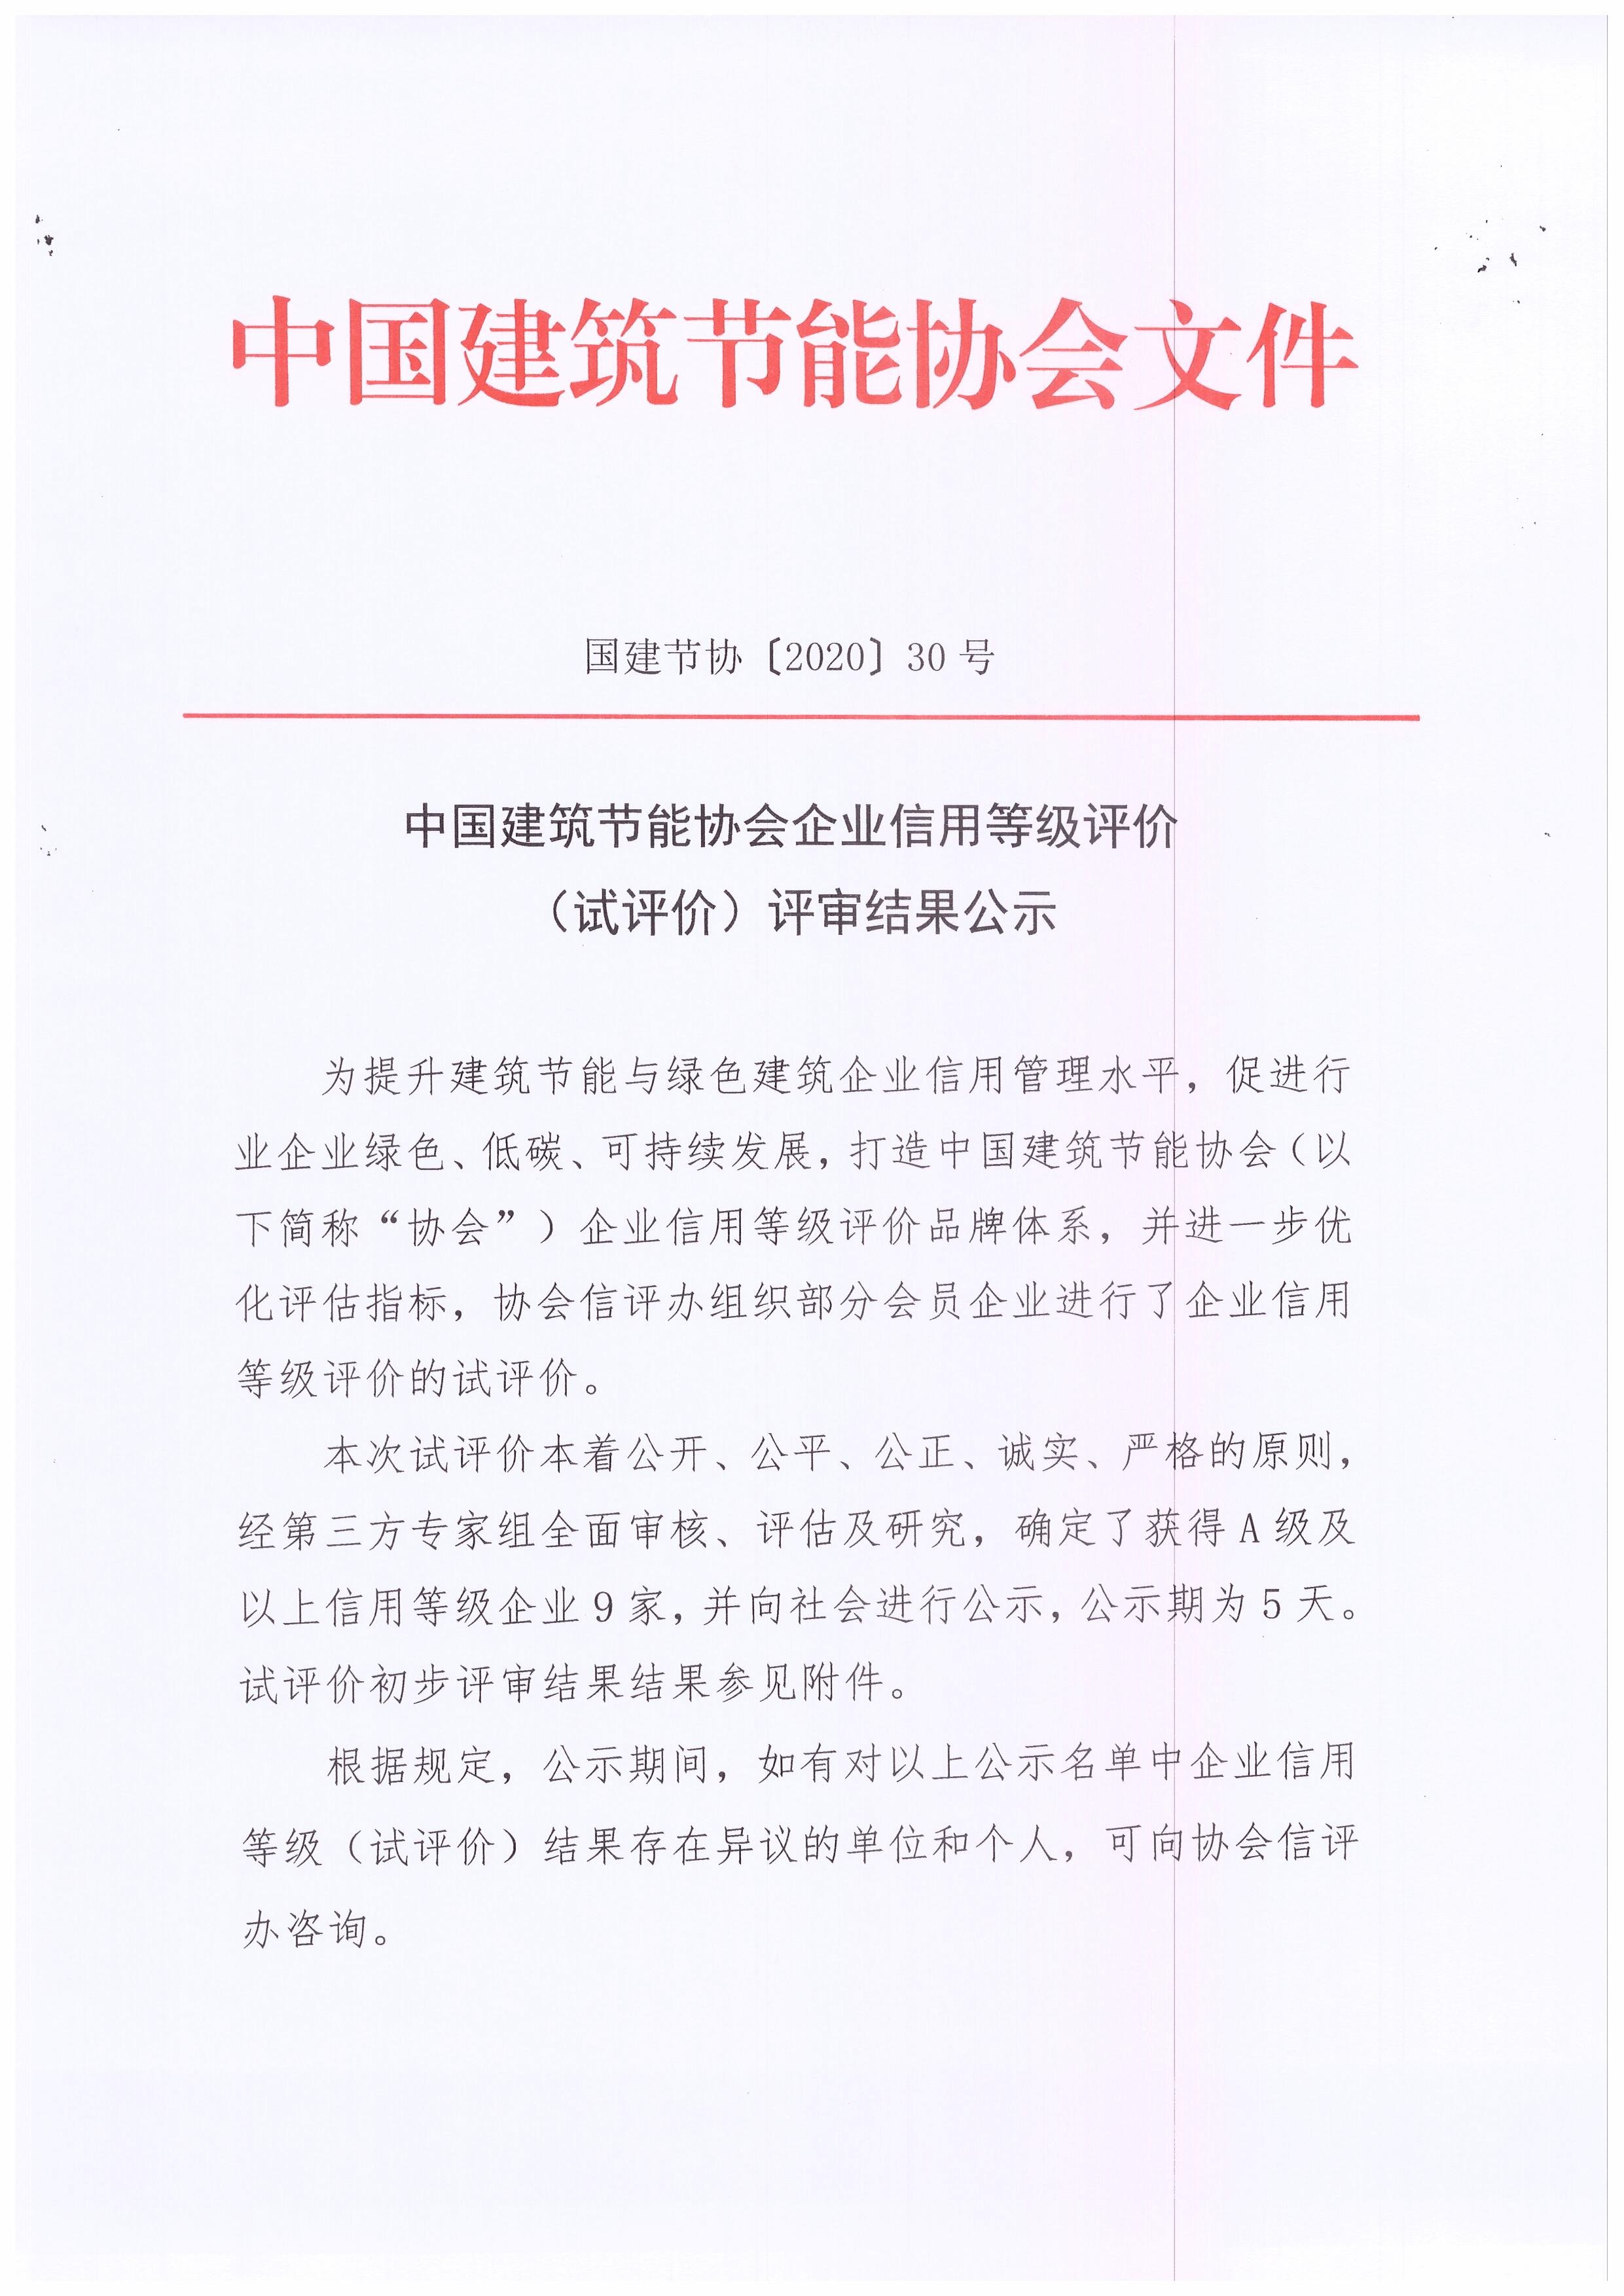 中国建筑节能协会企业信用等级评价_页面_1.jpg